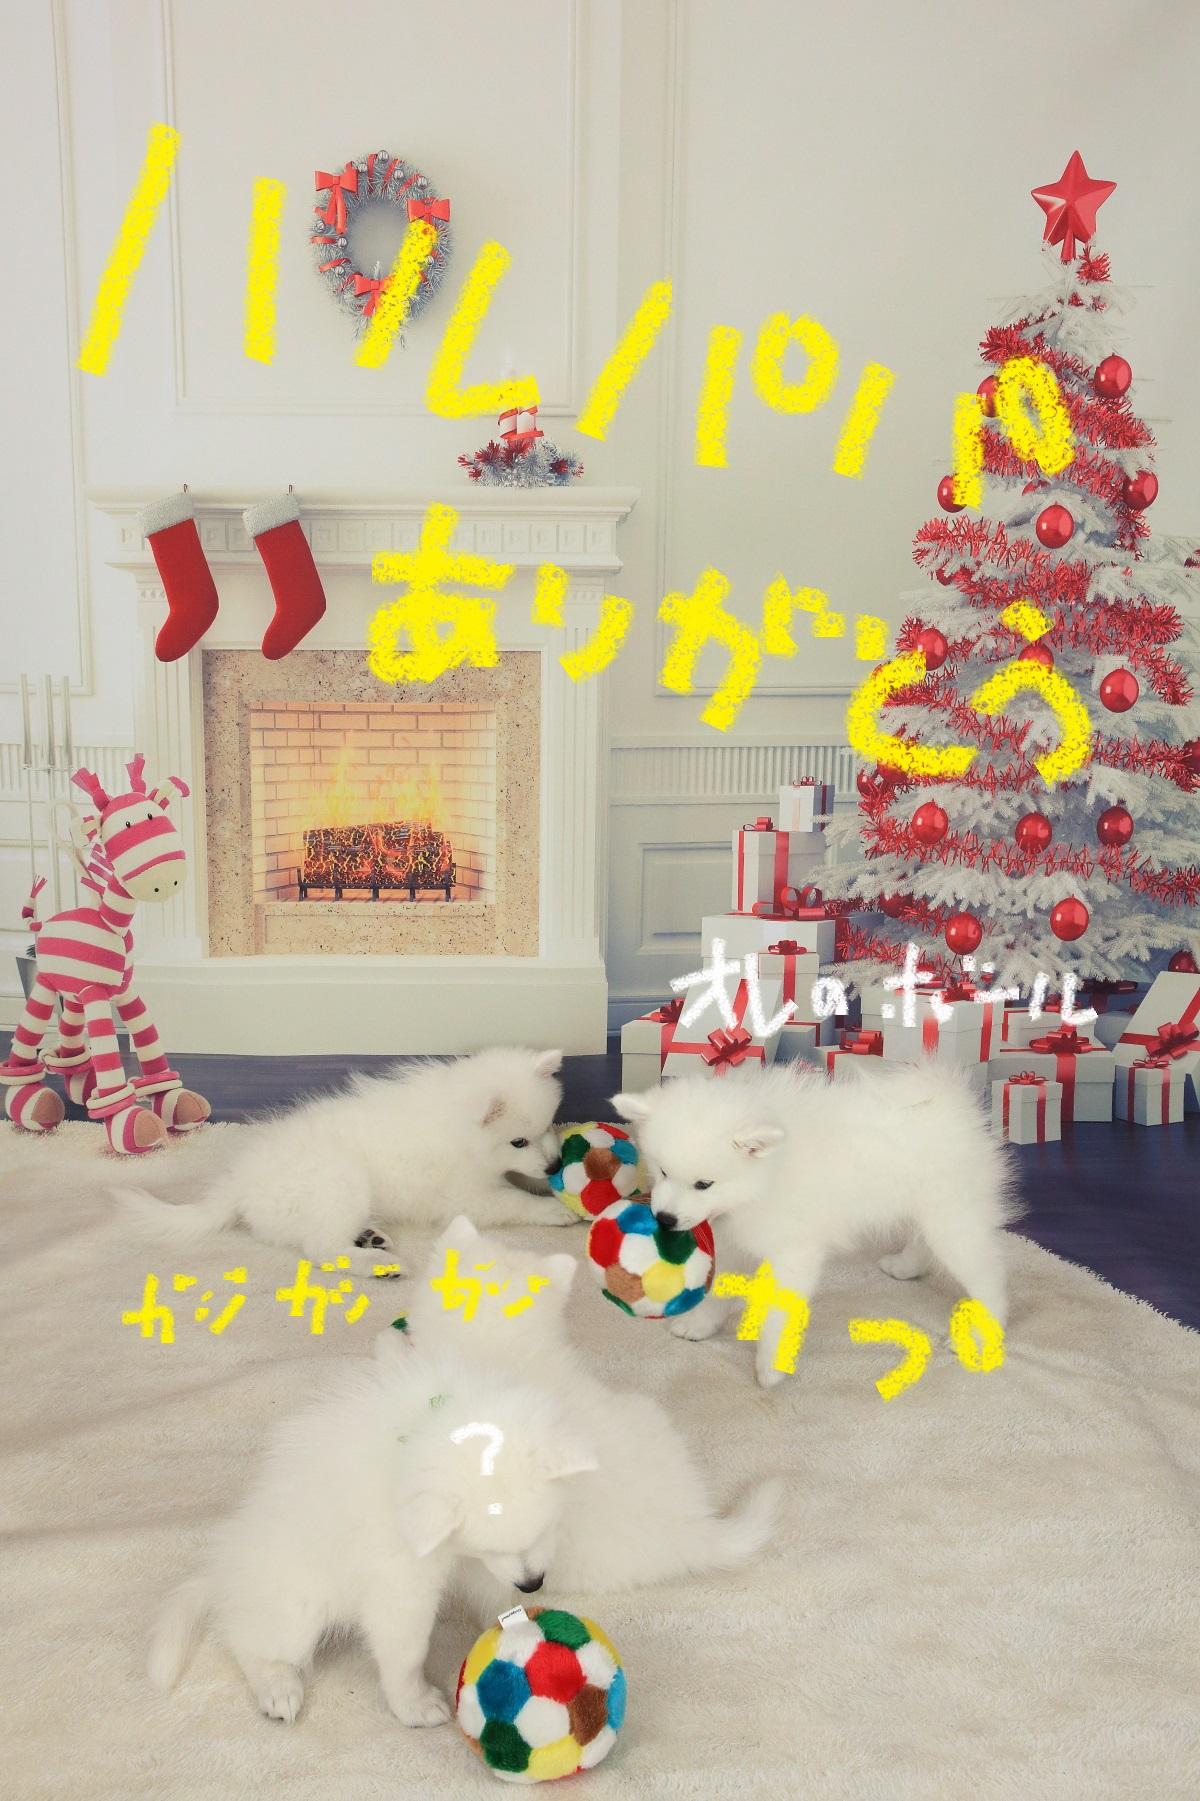 3_20151127055807045.jpg